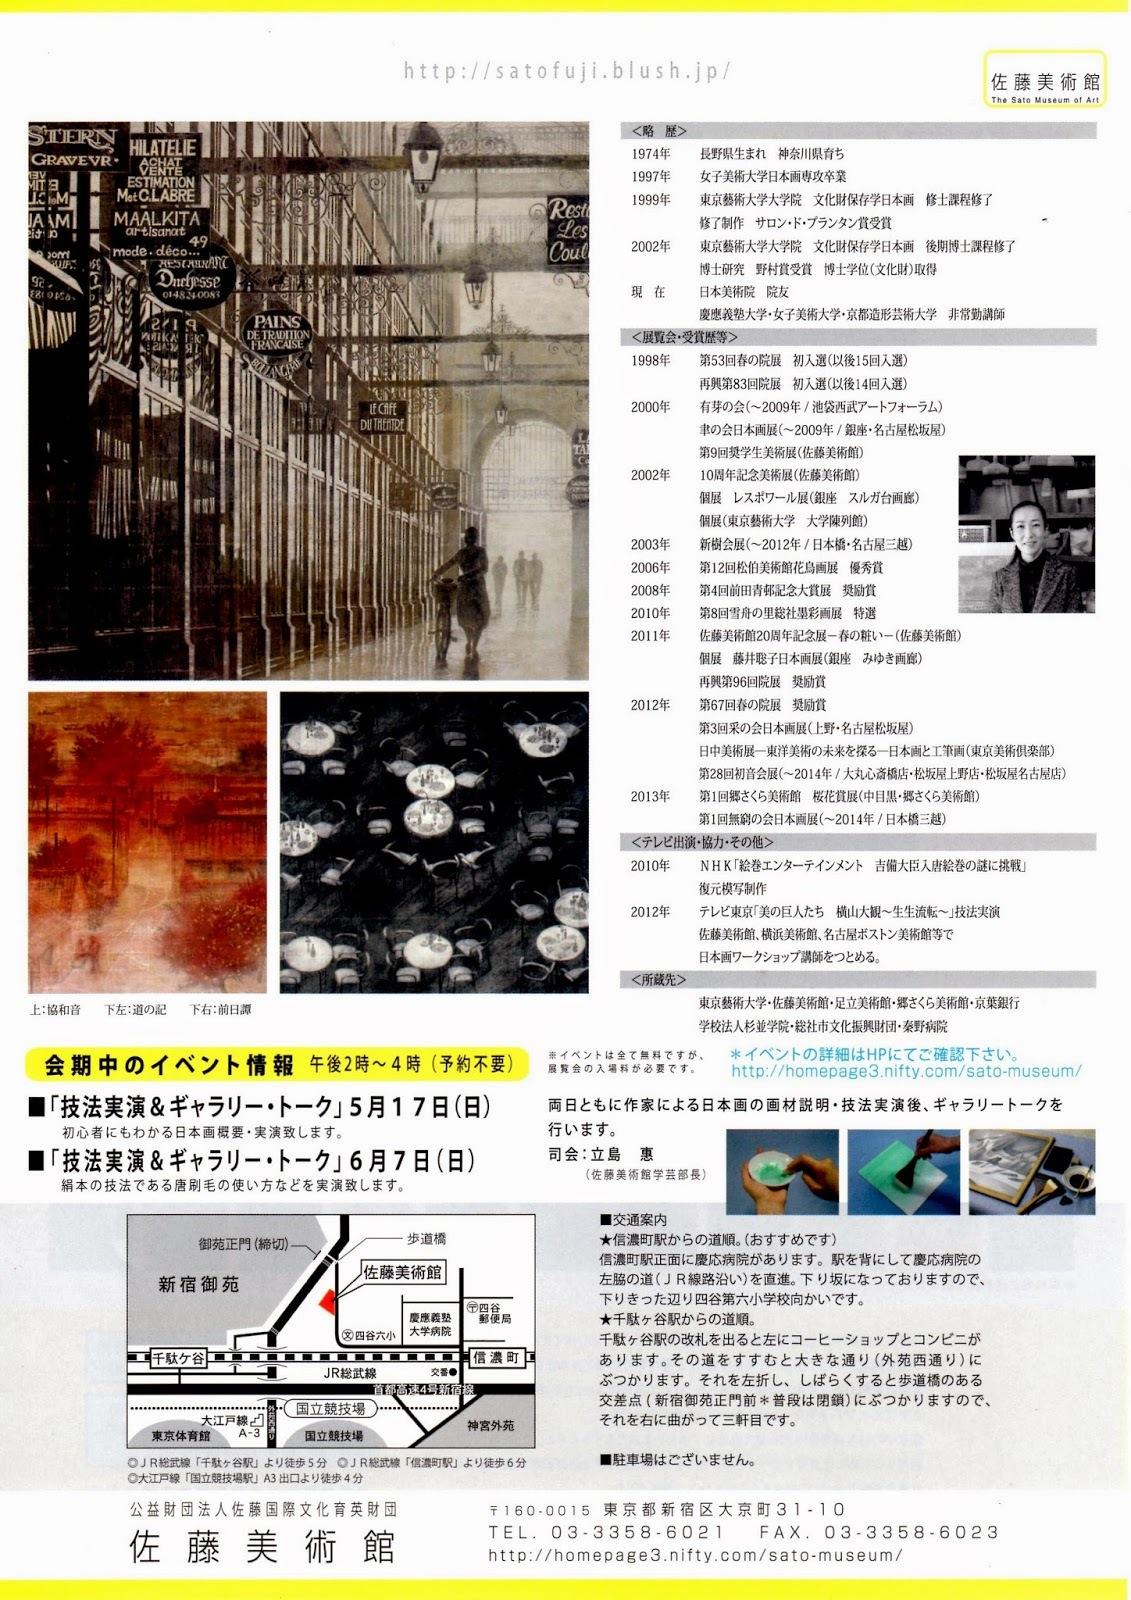 十に一つでも行けたなら(東京エリア+美術展)...2015年06月_c0153302_13261878.jpg